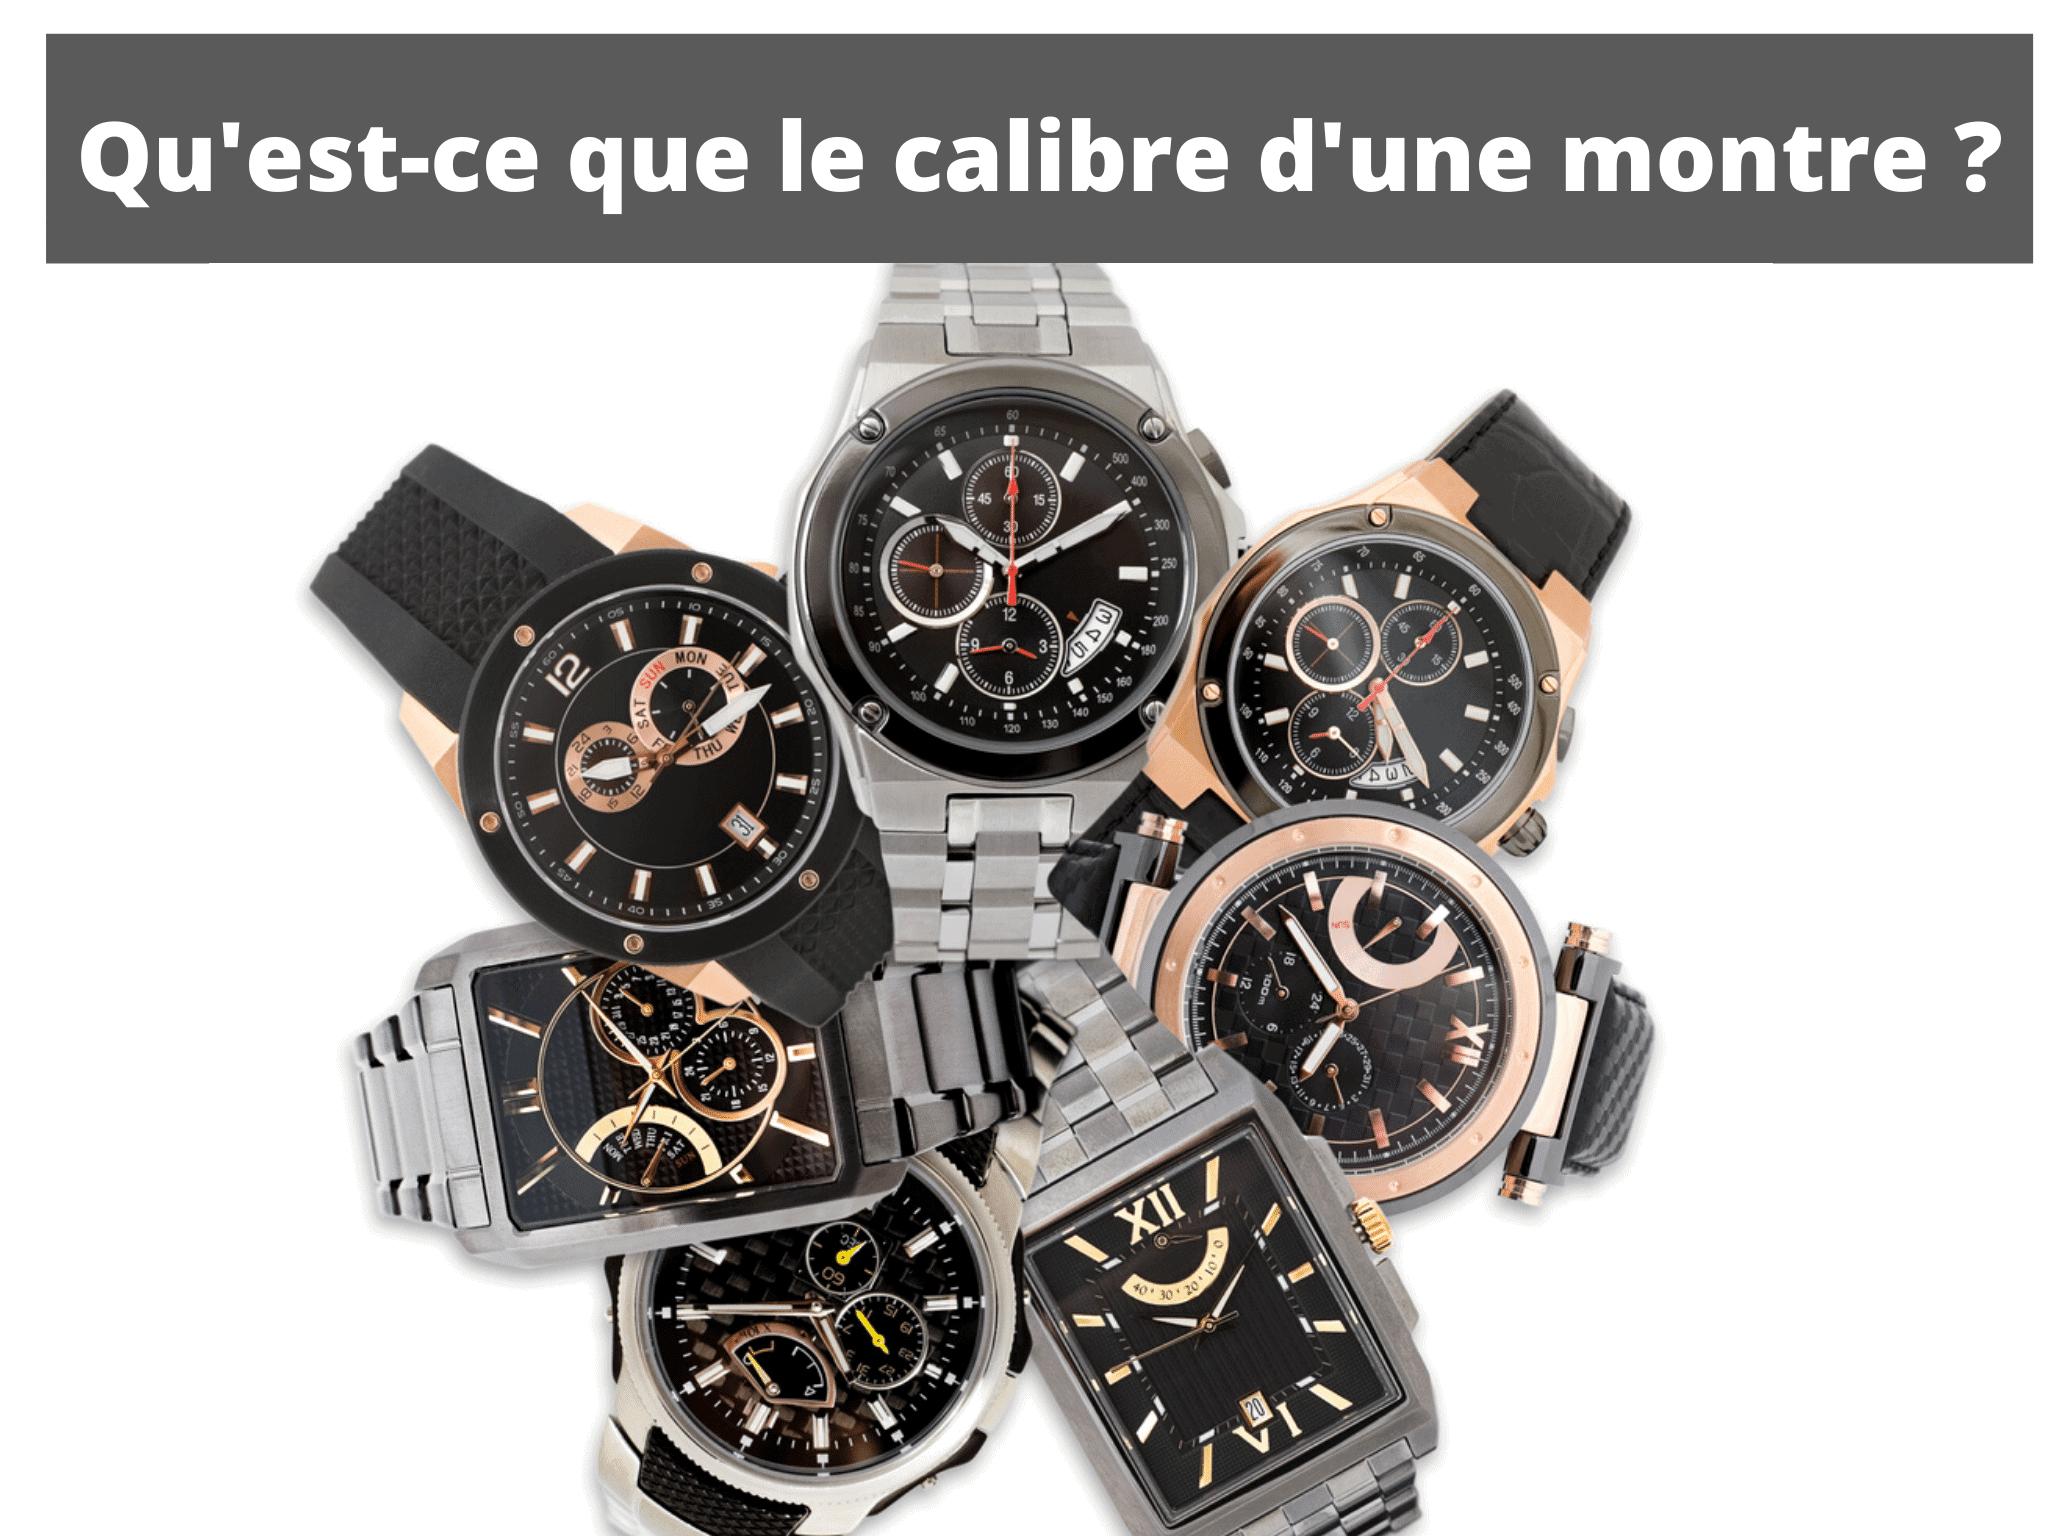 Qu'est-ce que le calibre d'une montre ?